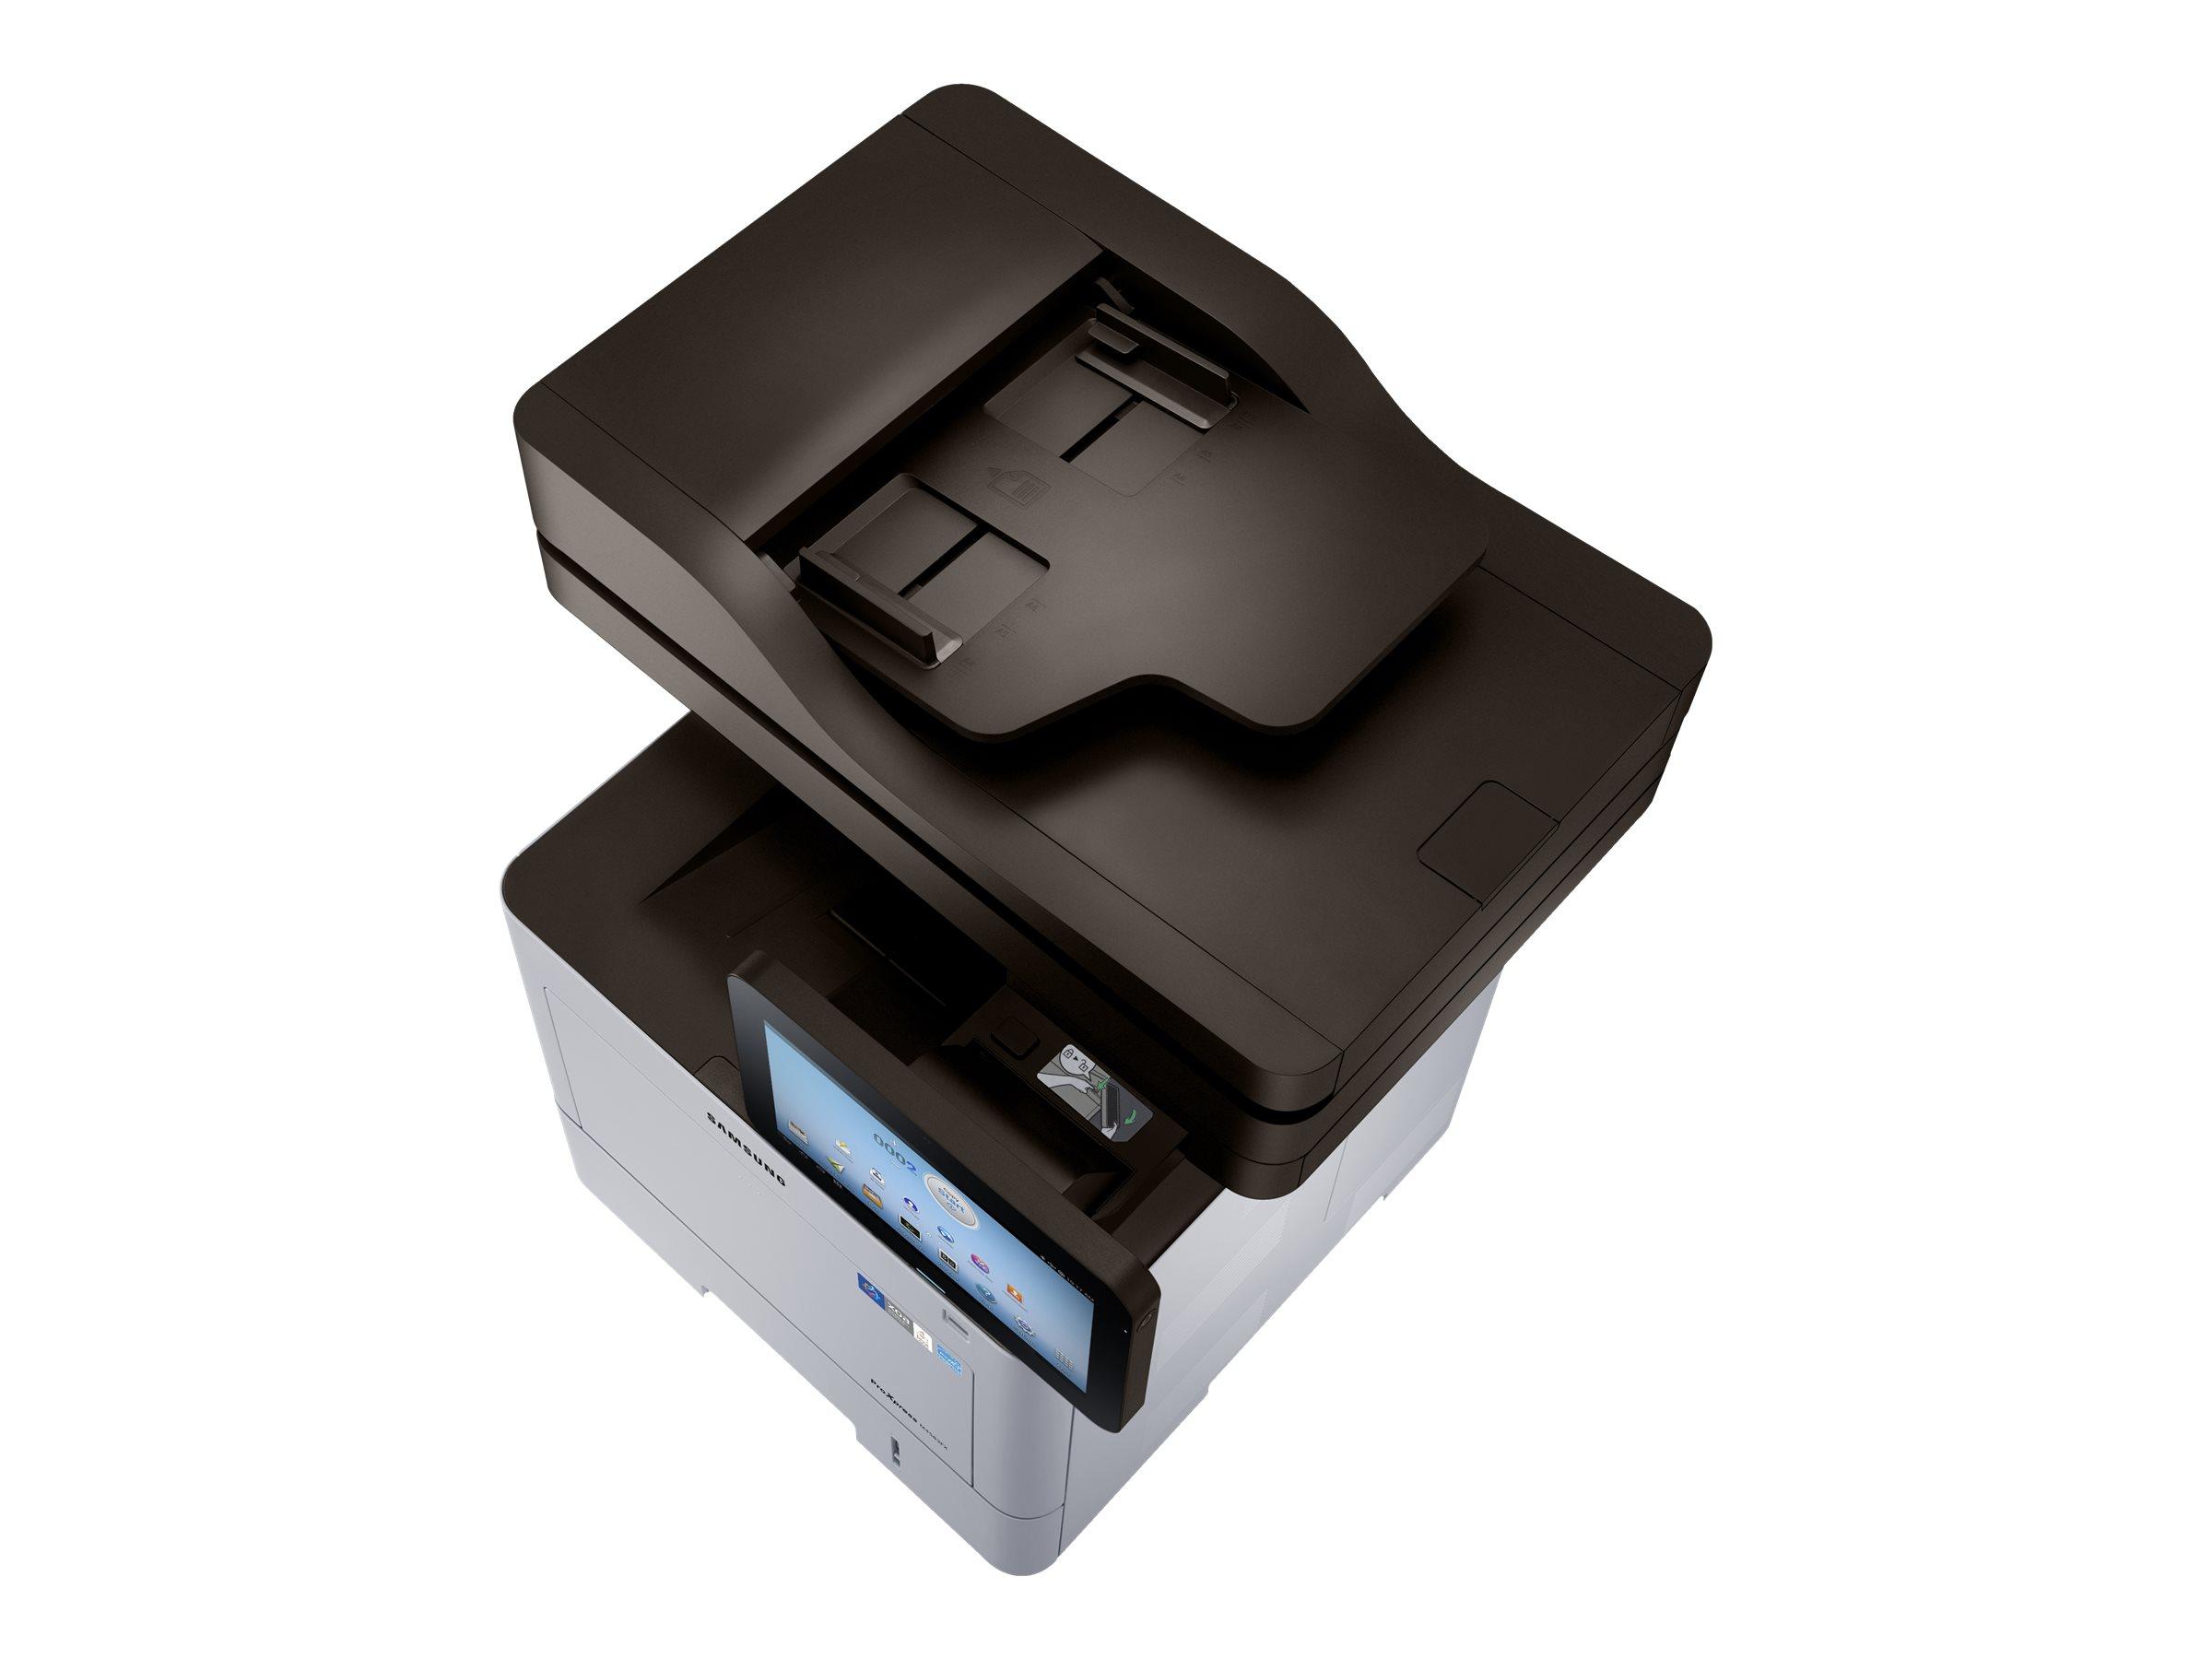 HP Samsung ProXpress SL-M4583FX - Multifunktionsdrucker - s/w - Laser - Legal (216 x 356 mm)